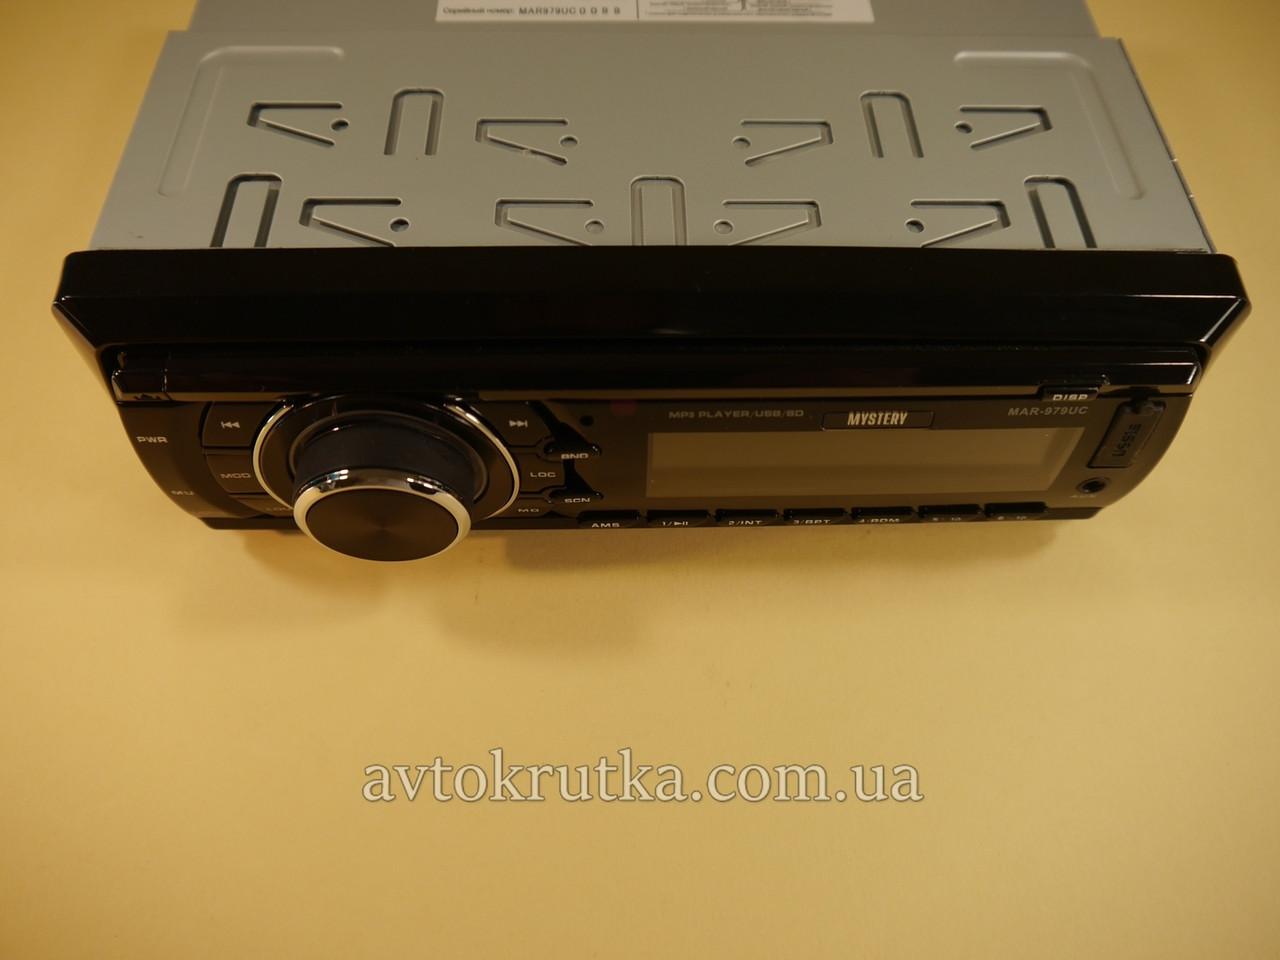 Автомагнитола Mystery MAR-979UC. Магнитола в машину